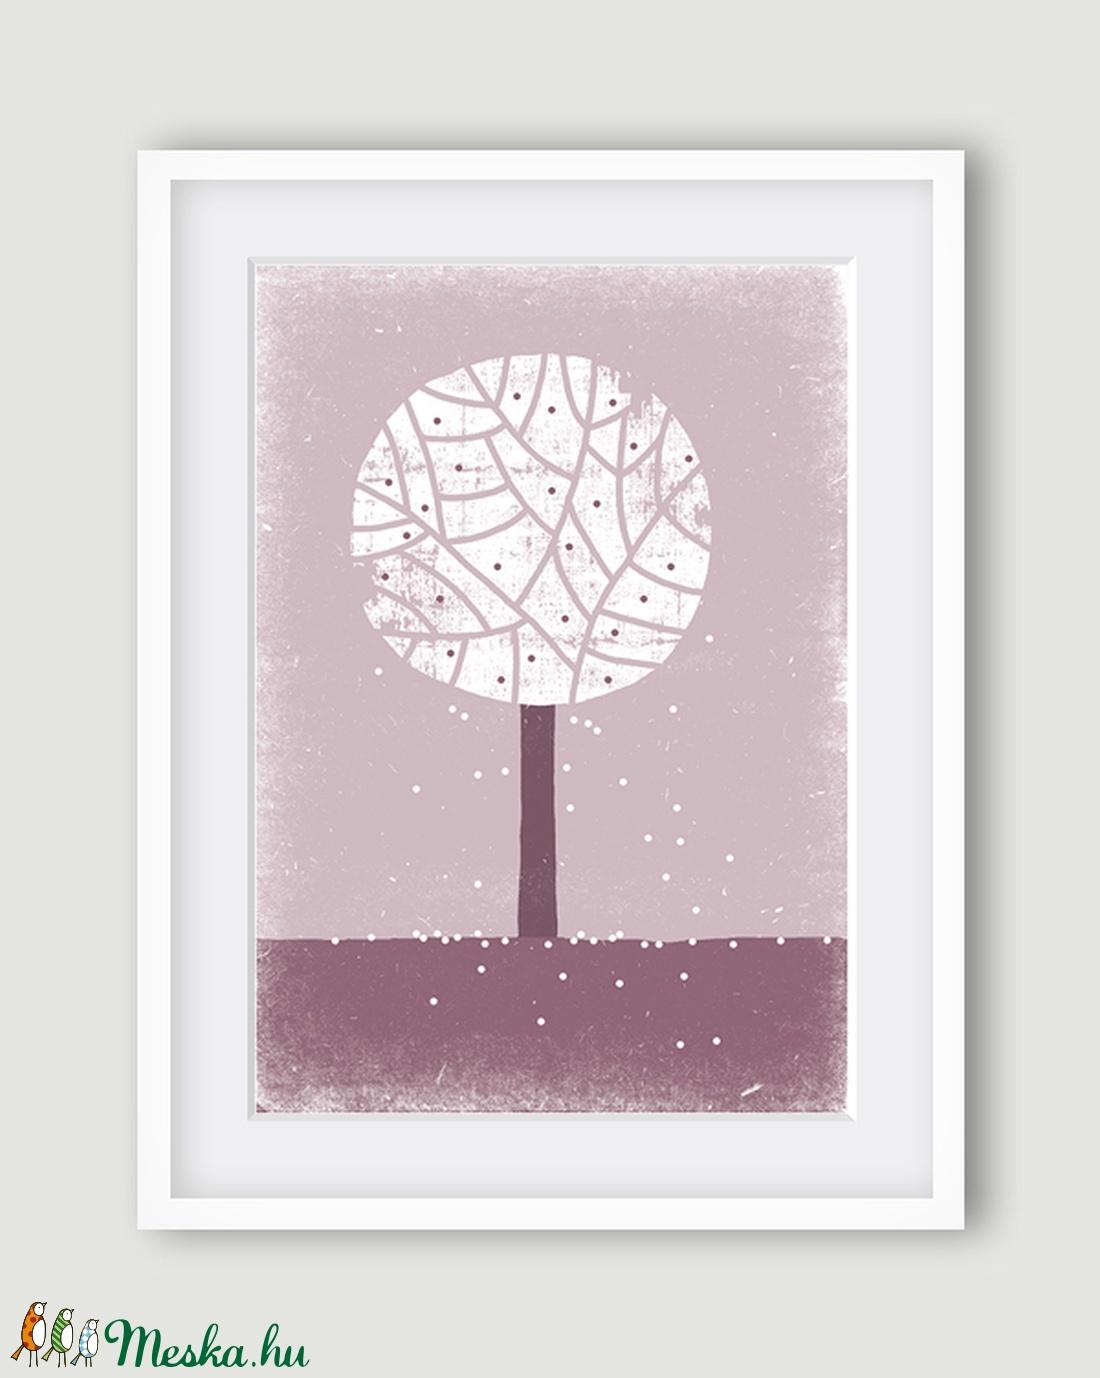 Babaszoba, gyerekszoba dekoráció, fali kép - Évszak sorozat - tavaszi fa, lila, fehér - A4 ...